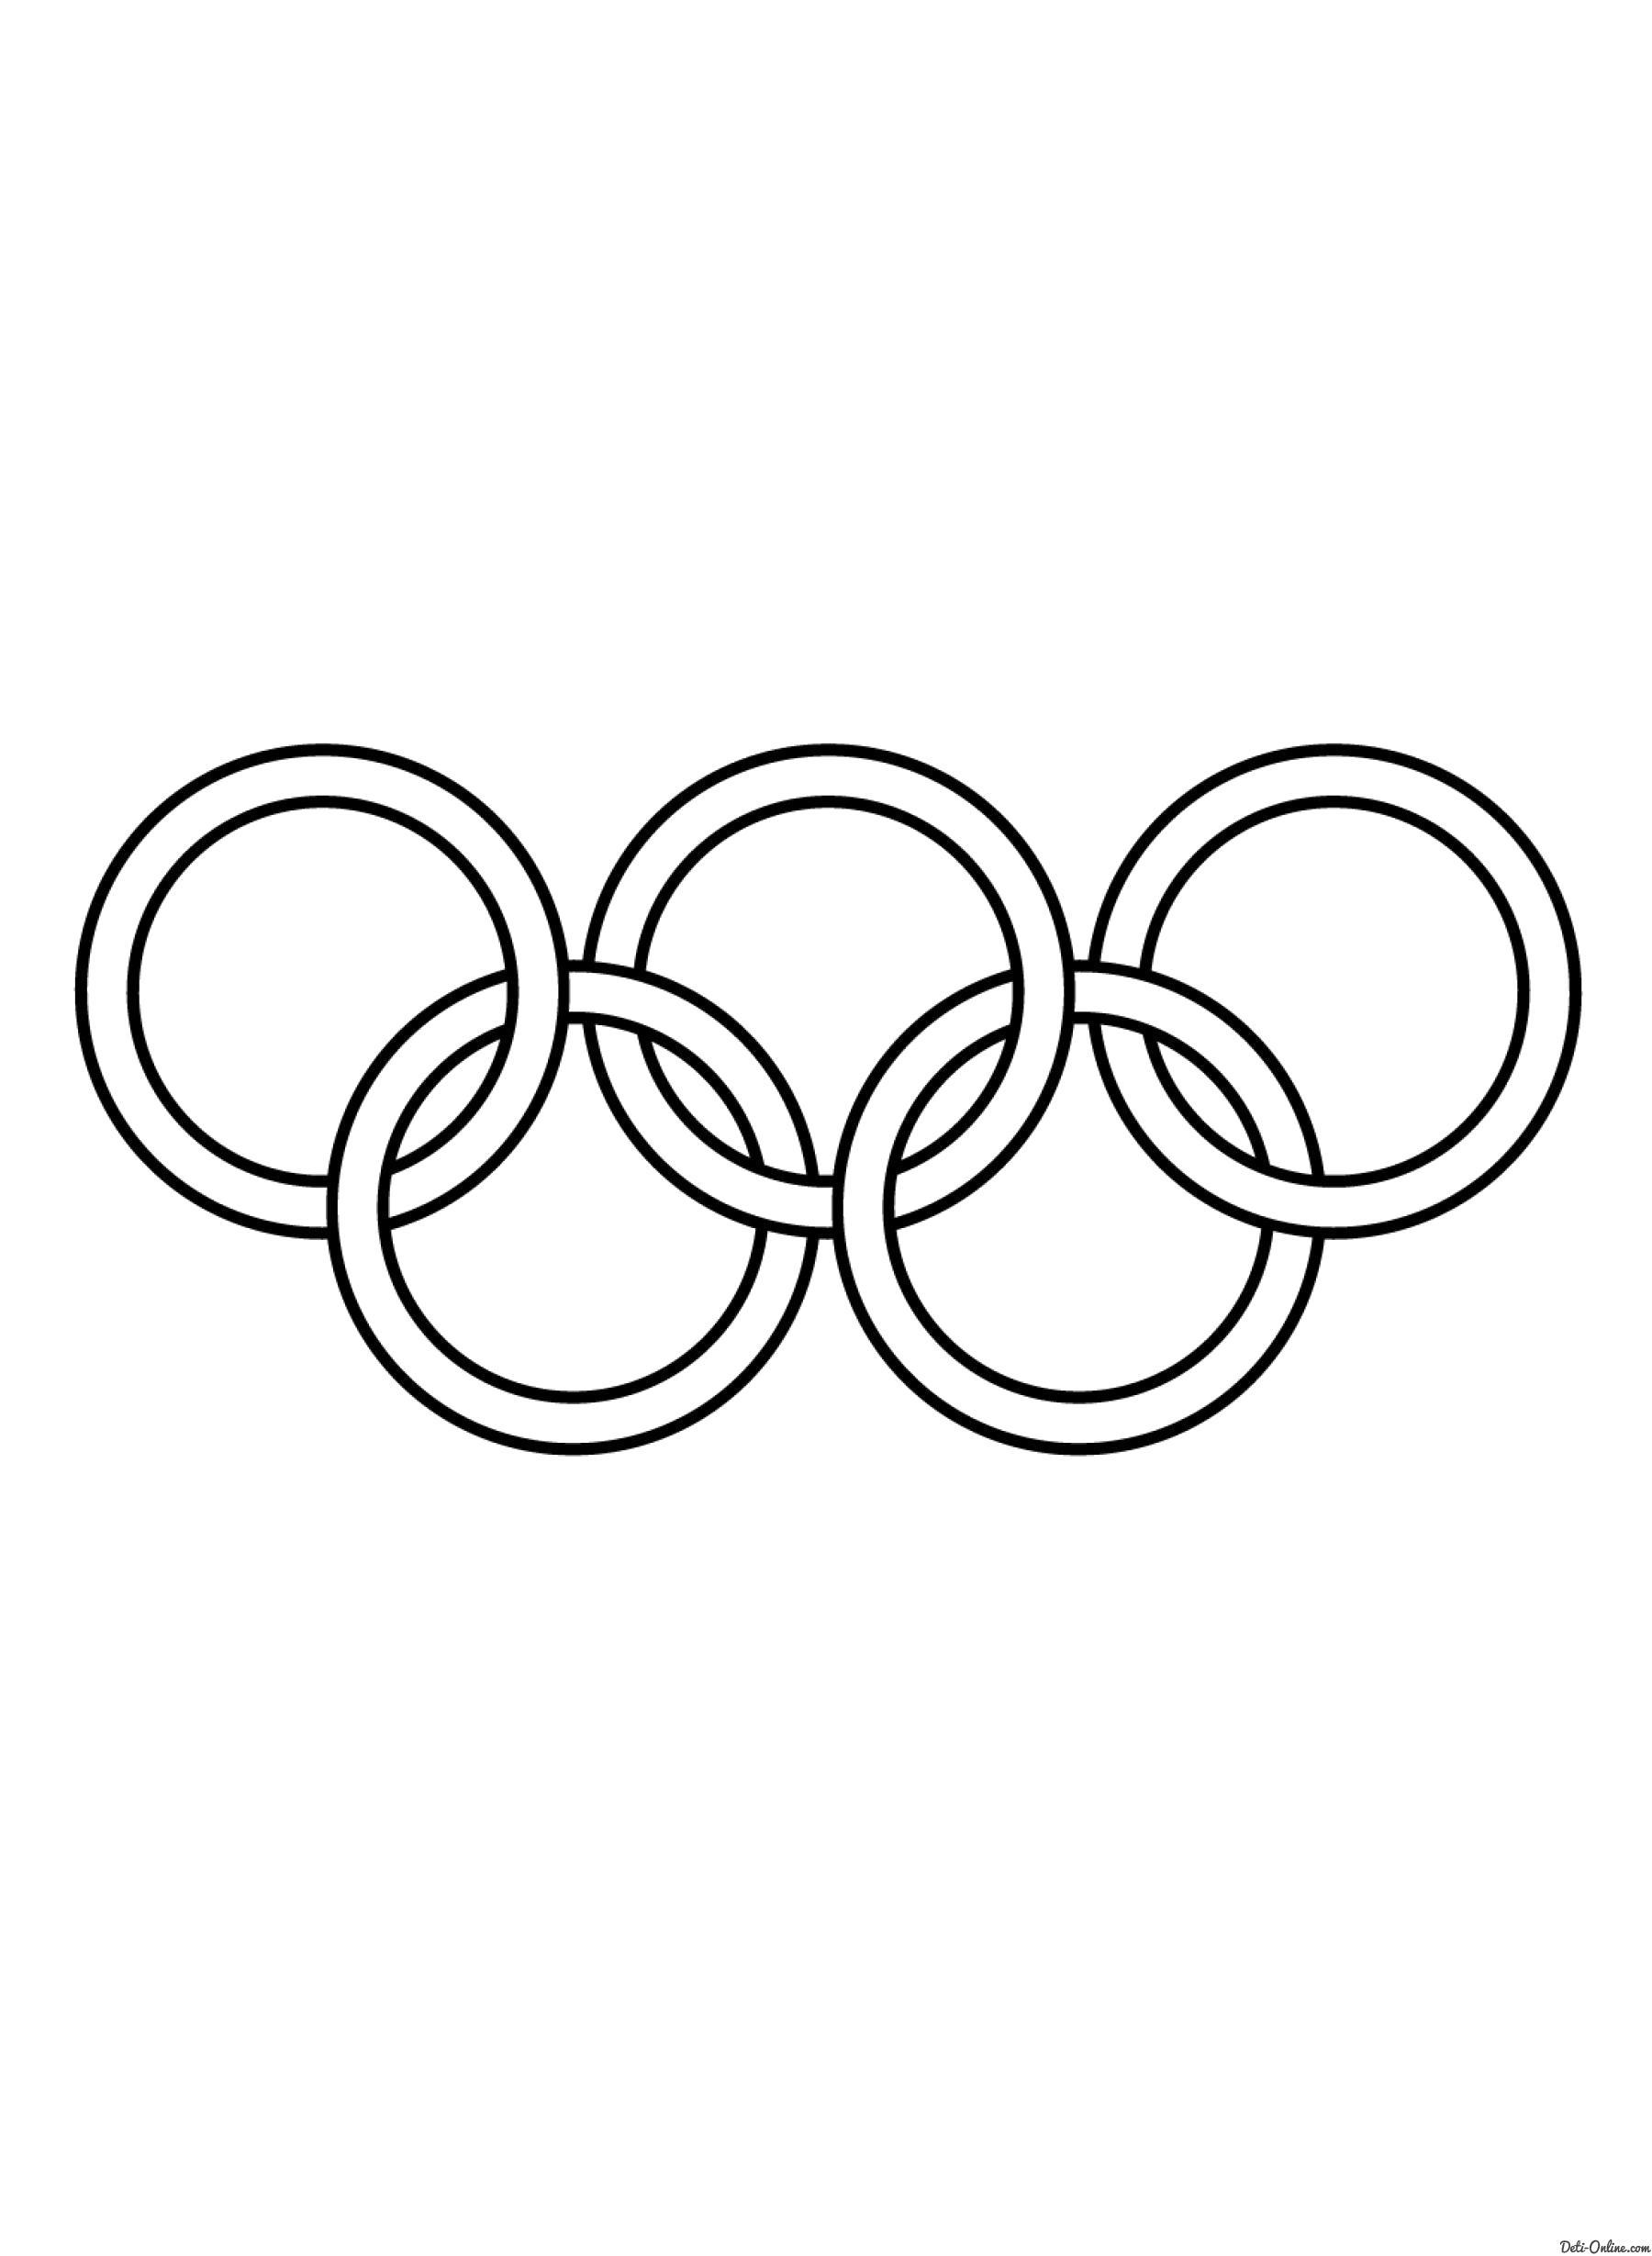 Раскраска  олимпийские кольца. Скачать Олимпиада.  Распечатать Олимпиада